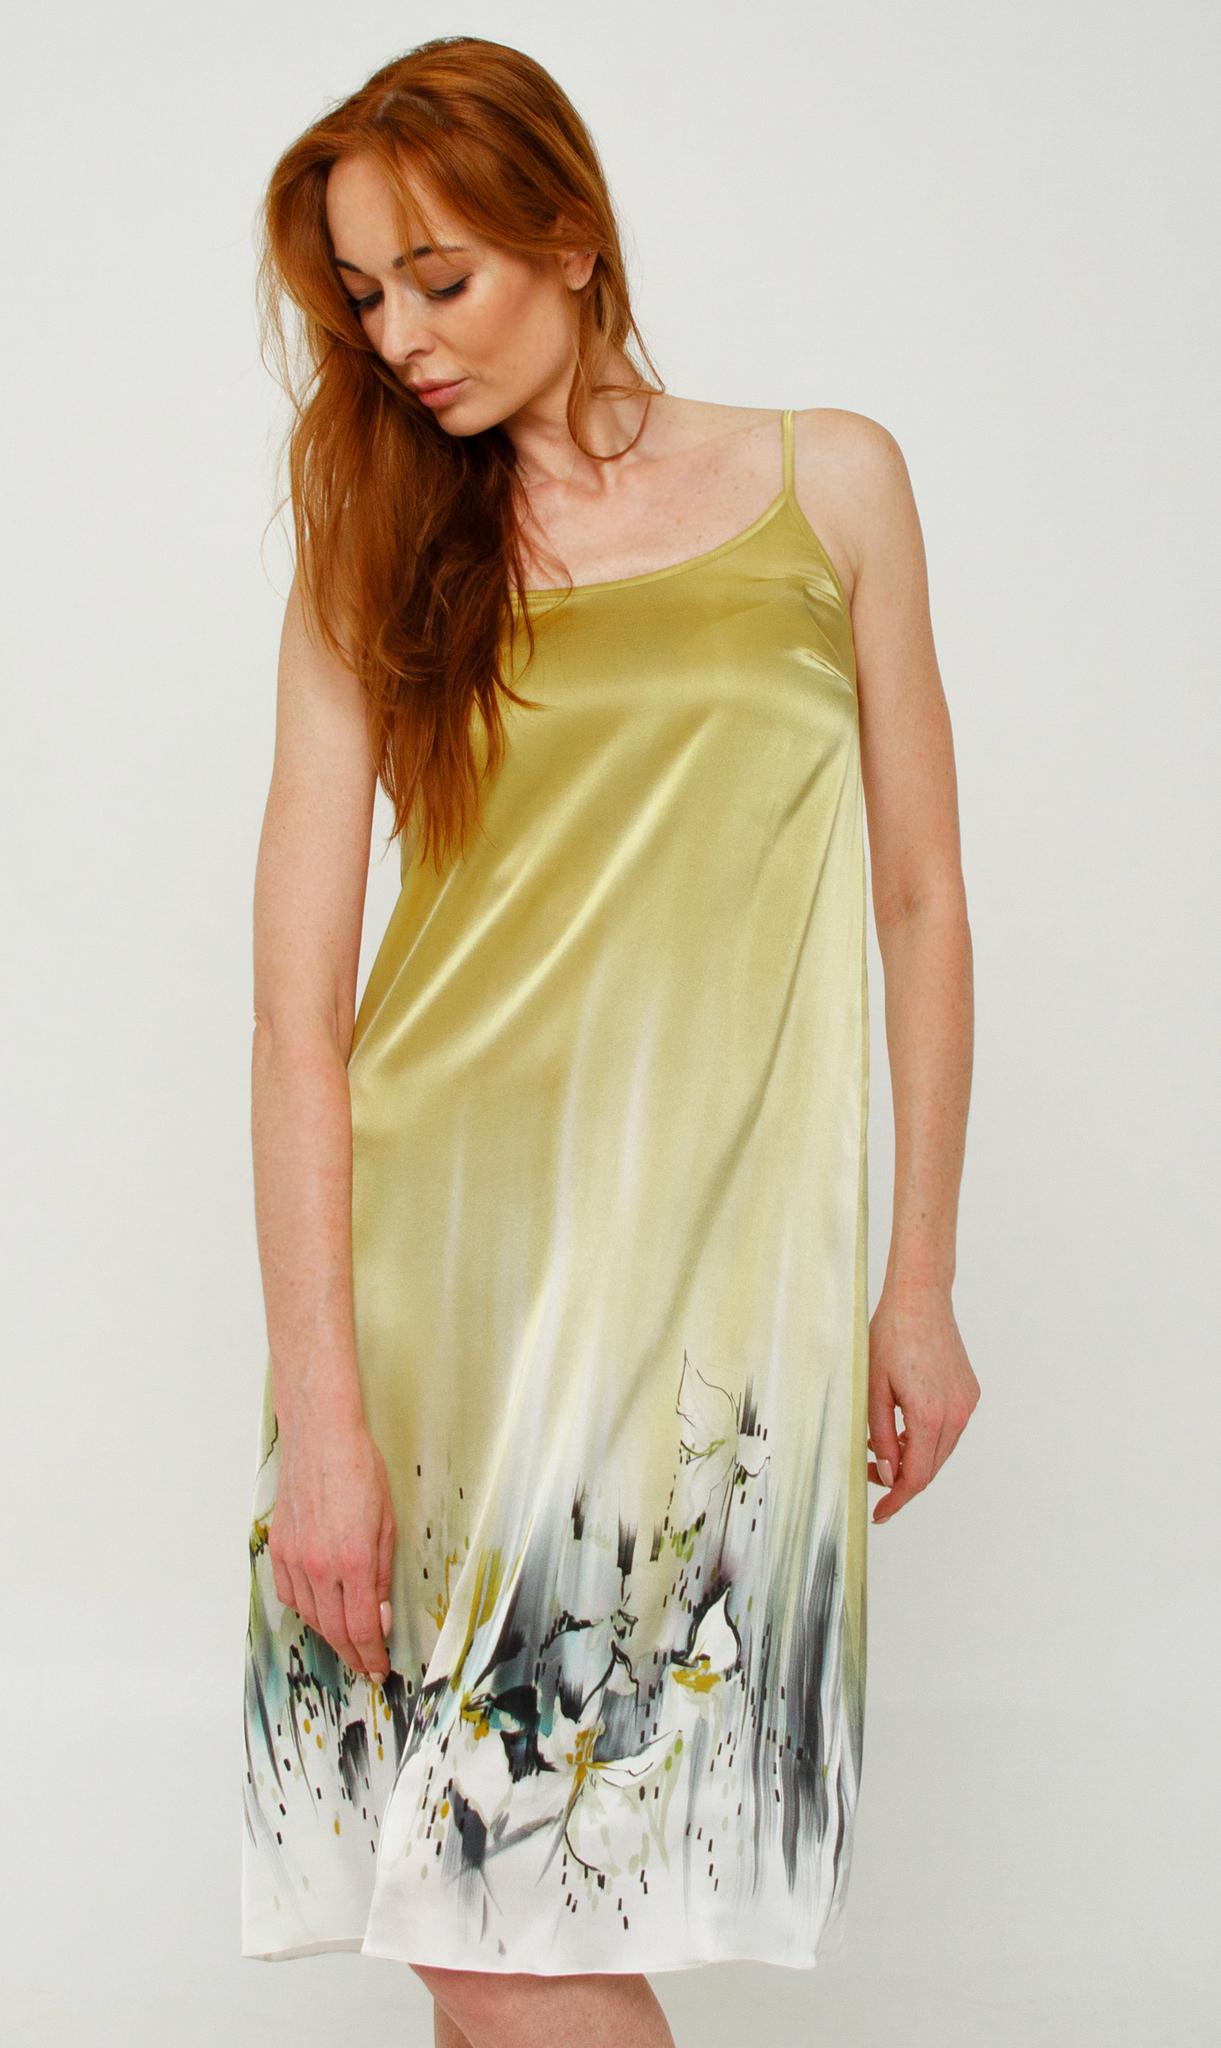 Платье из натурального шелка ручной росписи батик